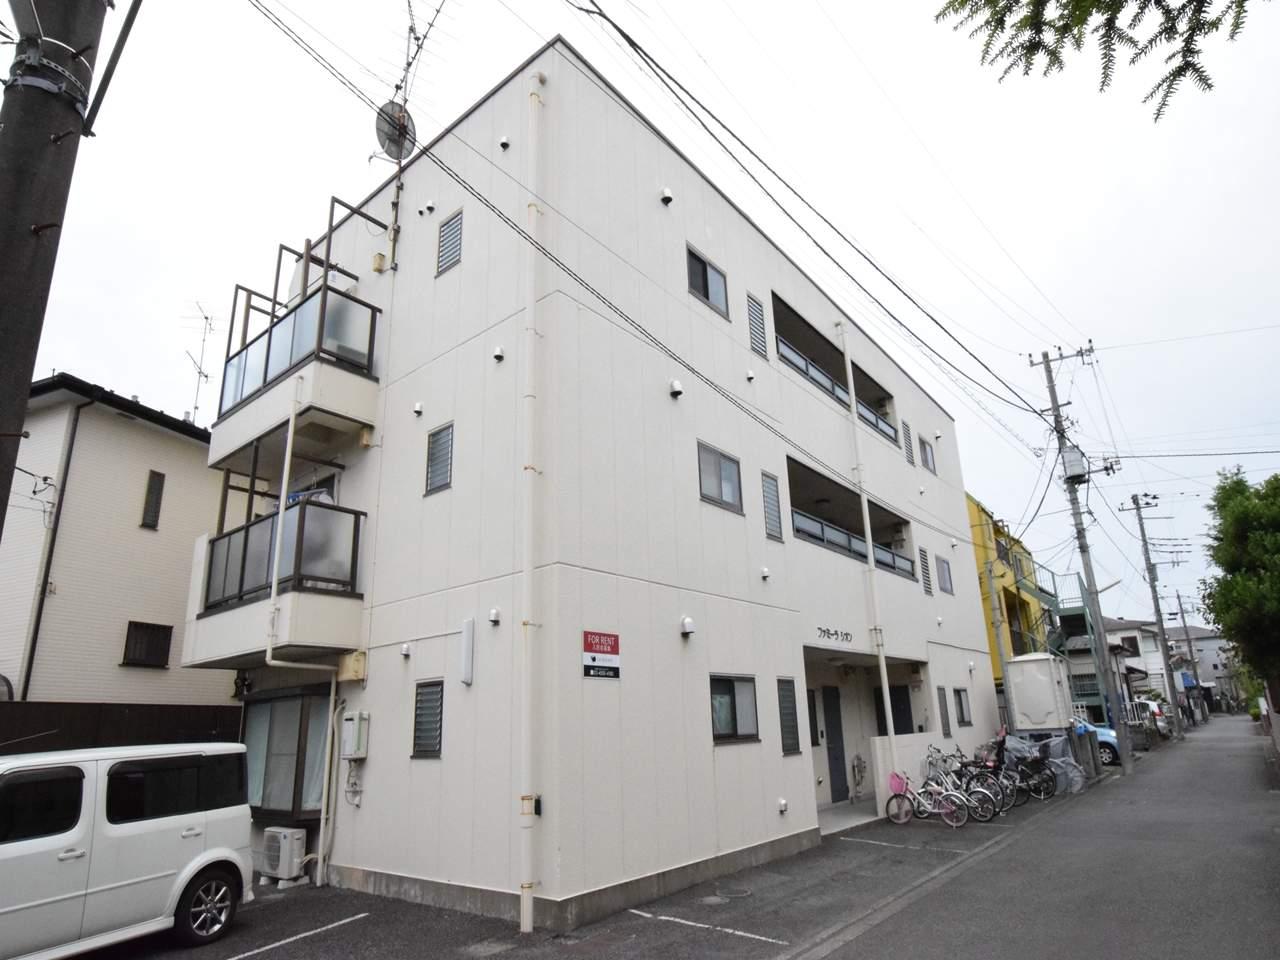 神奈川県相模原市南区、古淵駅徒歩13分の築27年 3階建の賃貸マンション